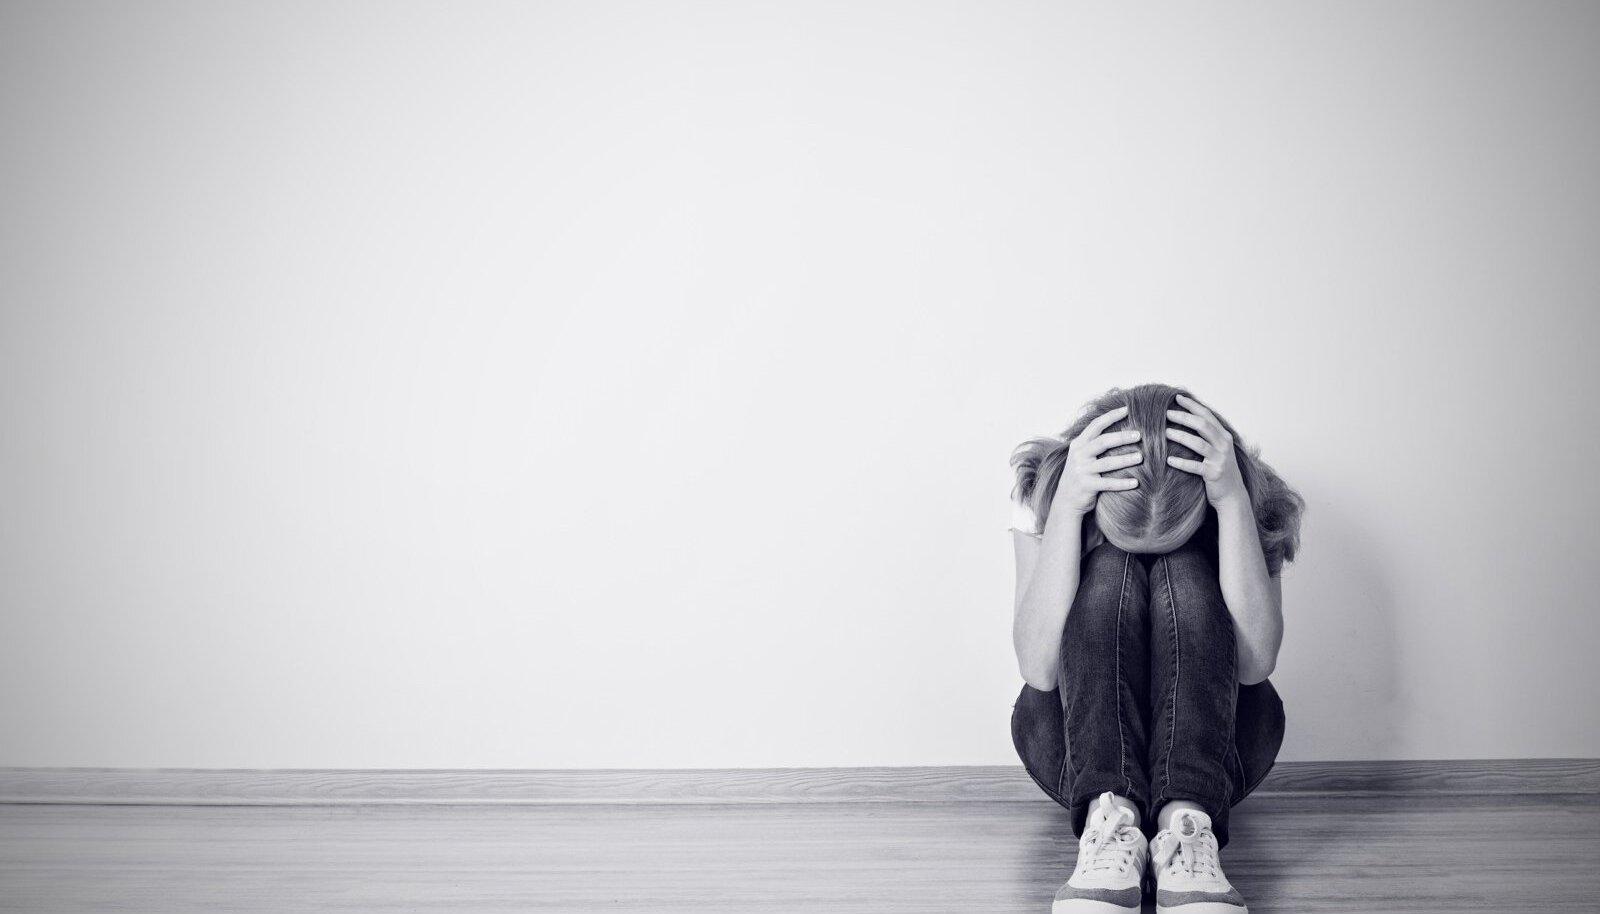 Laste muresid peab oskama märgata ja lapsi peab abistama. Vajaduse korral tuleb kohe psühholoogi või psühhiaatri poole pöörduda.